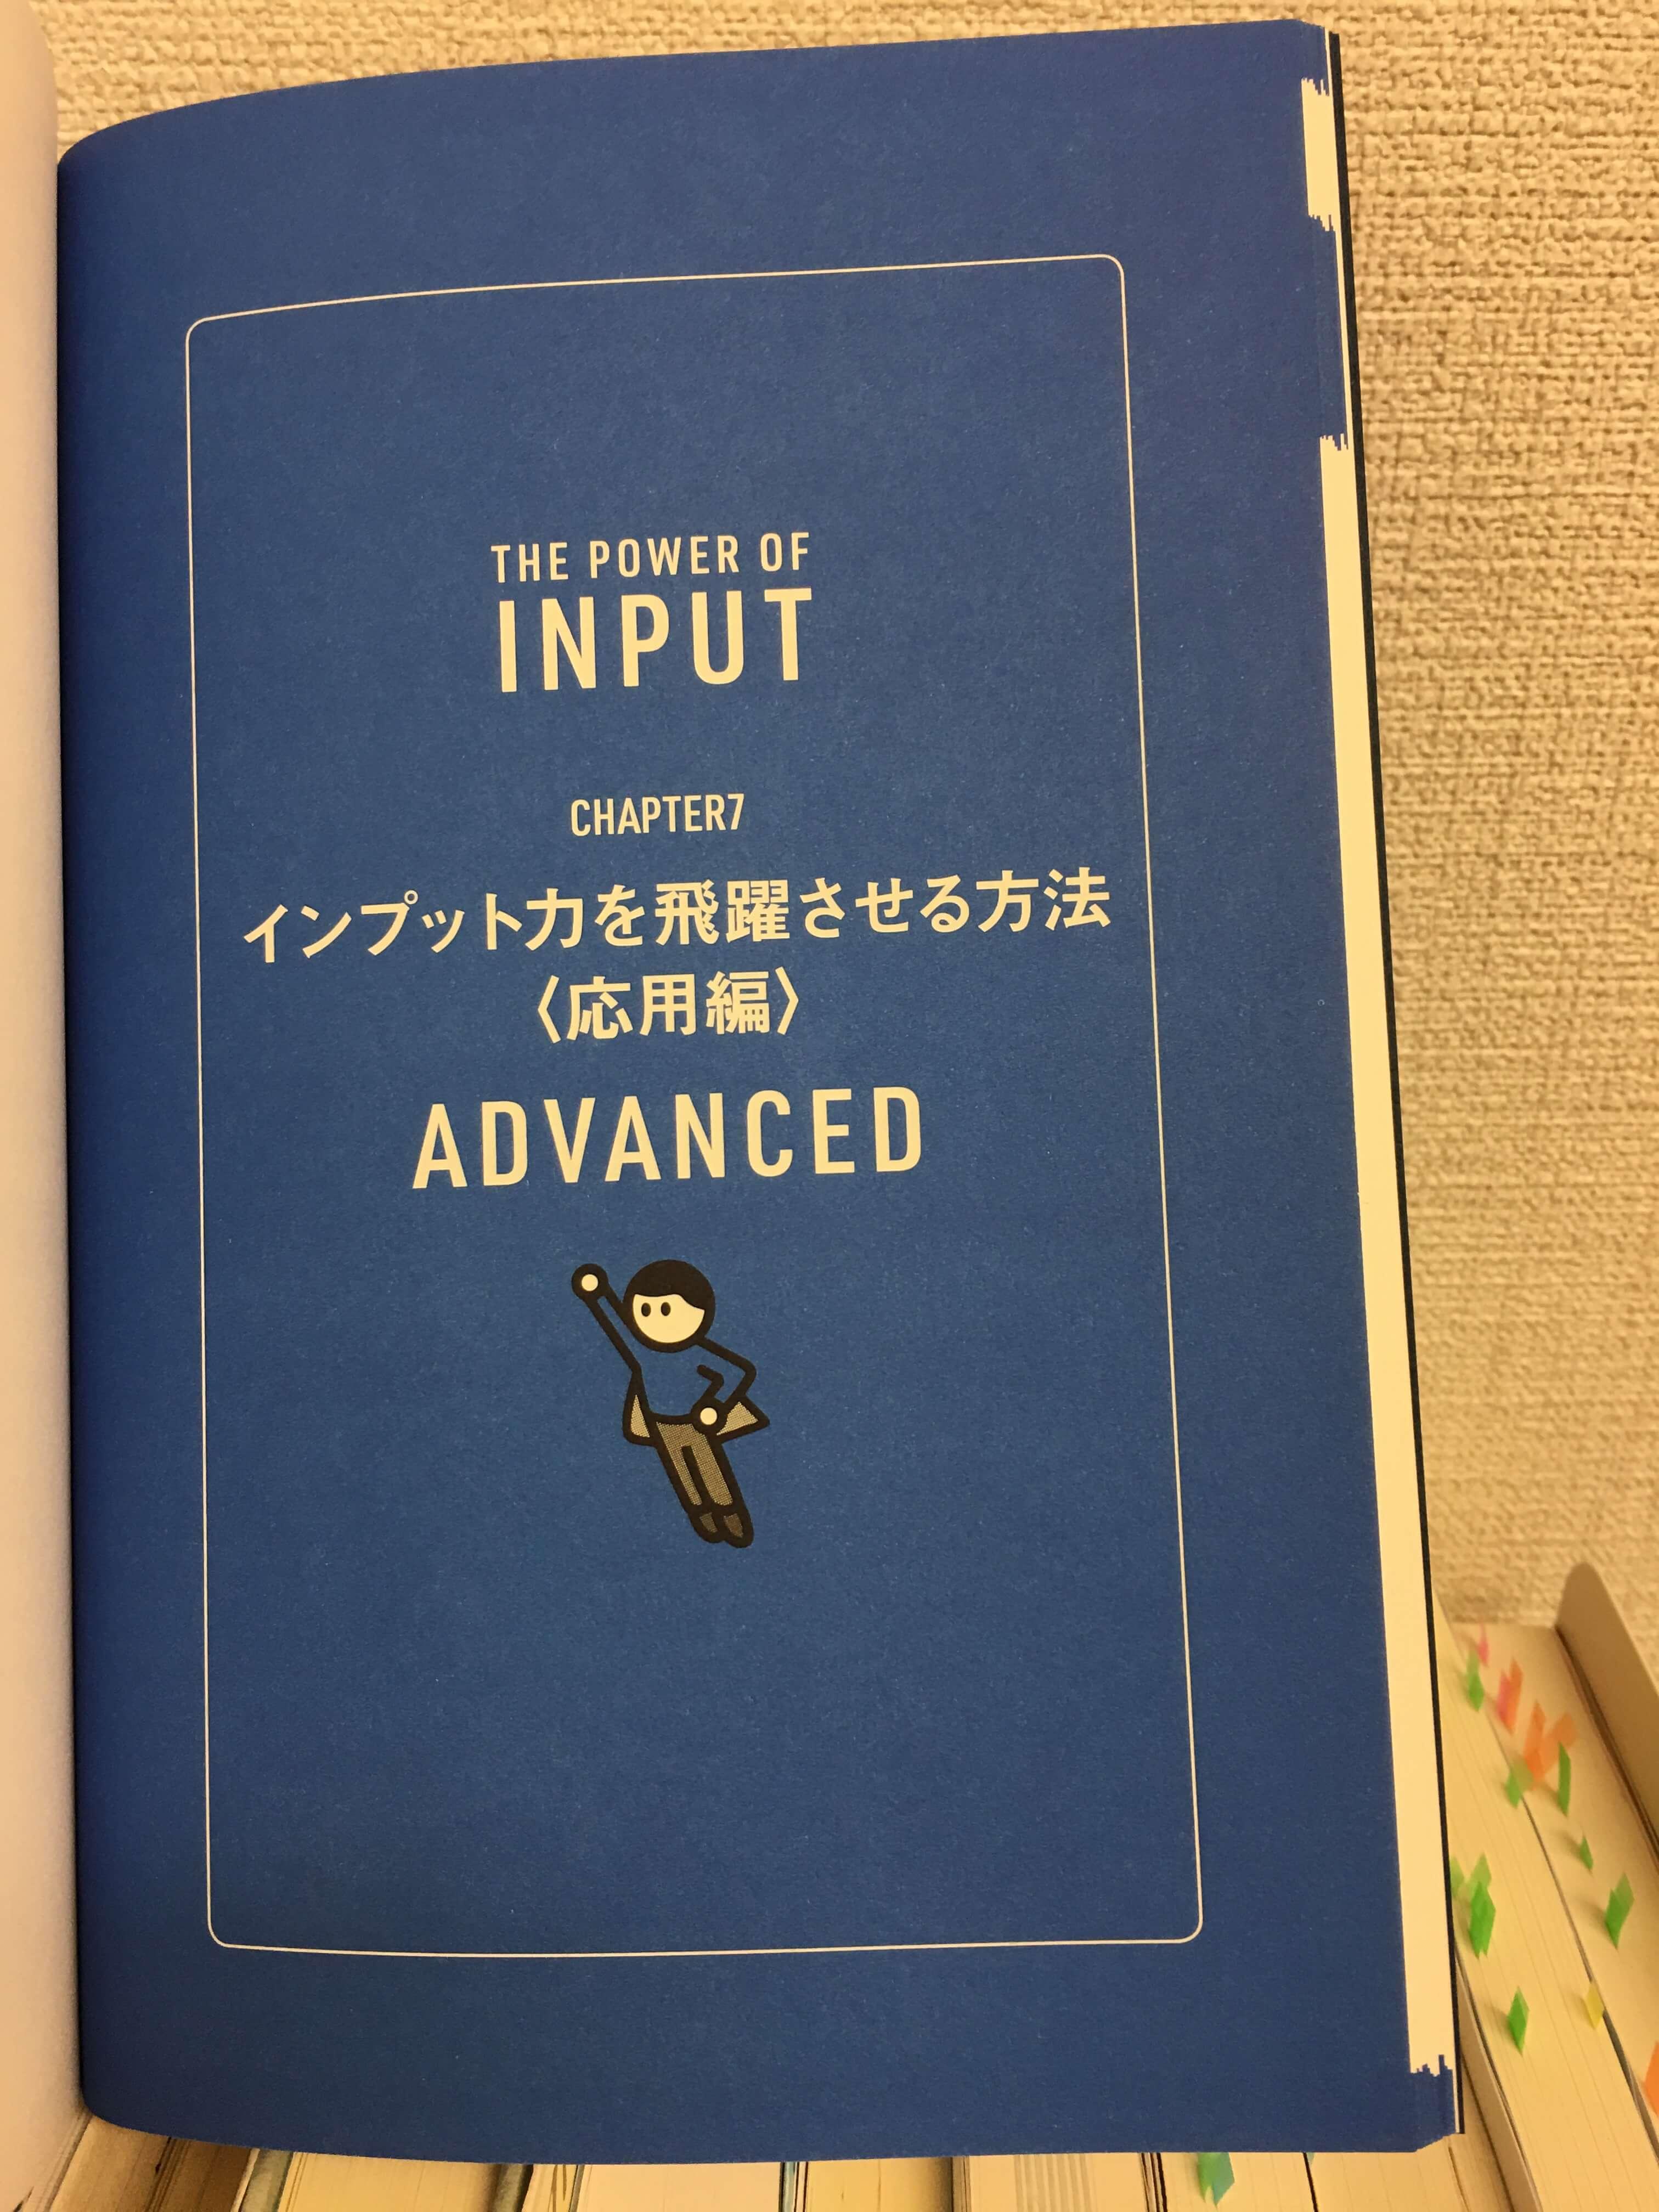 学び効率が最大化するインプット大全 第7章